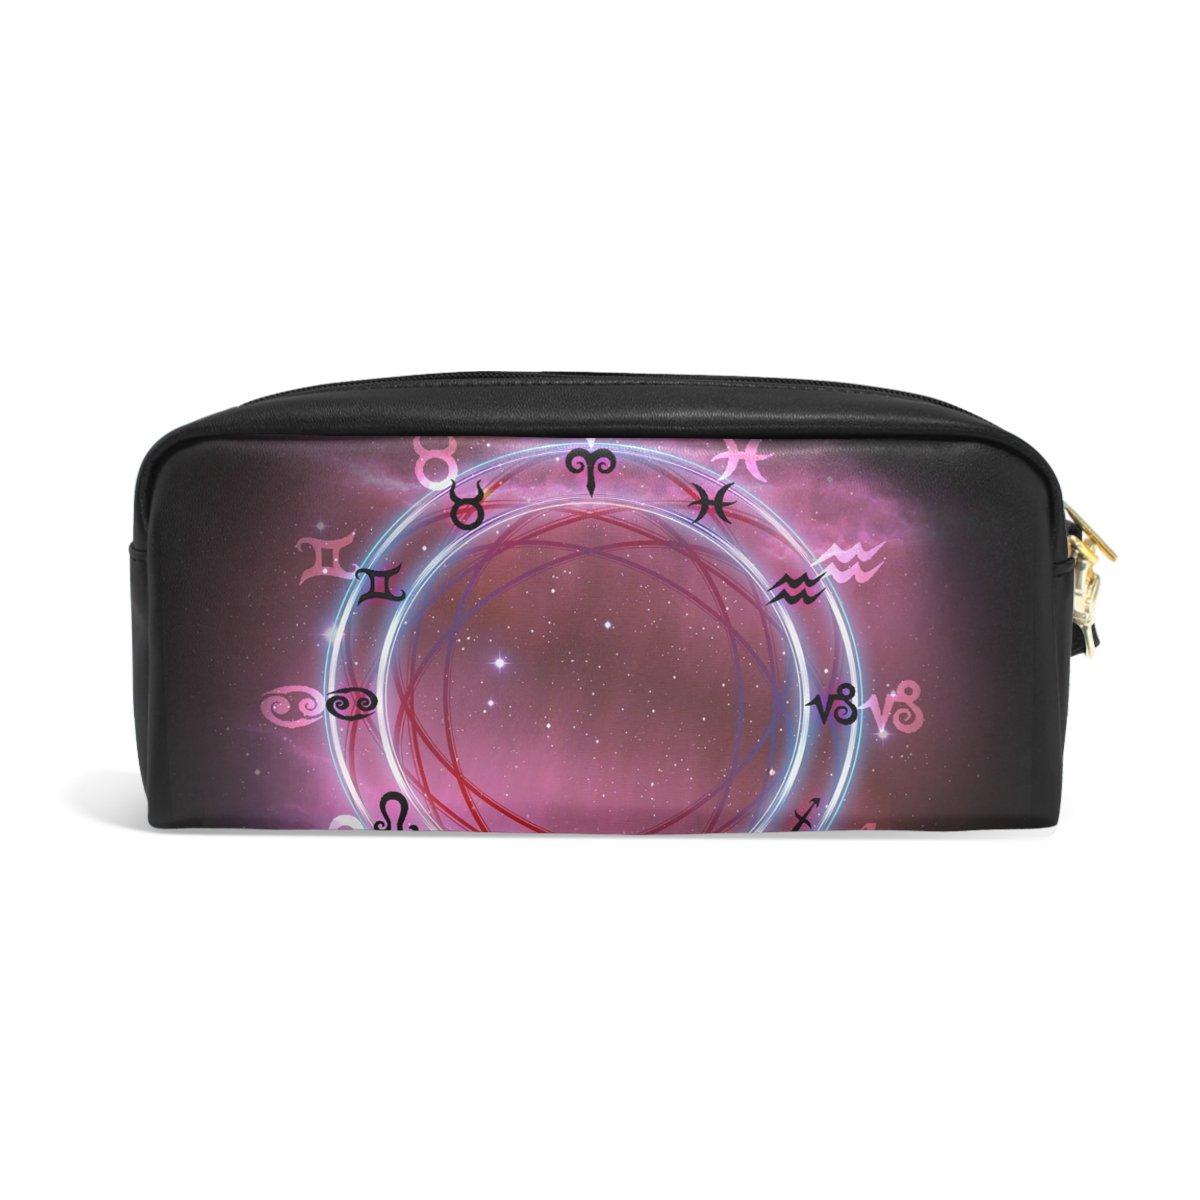 Bennigiry Horoscopio rueda galaxy Zodiac estuche portátil bolígrafo organizador bolso escolar bolígrafo bolso de cuero de la PU de gran capacidad maquillaje ...